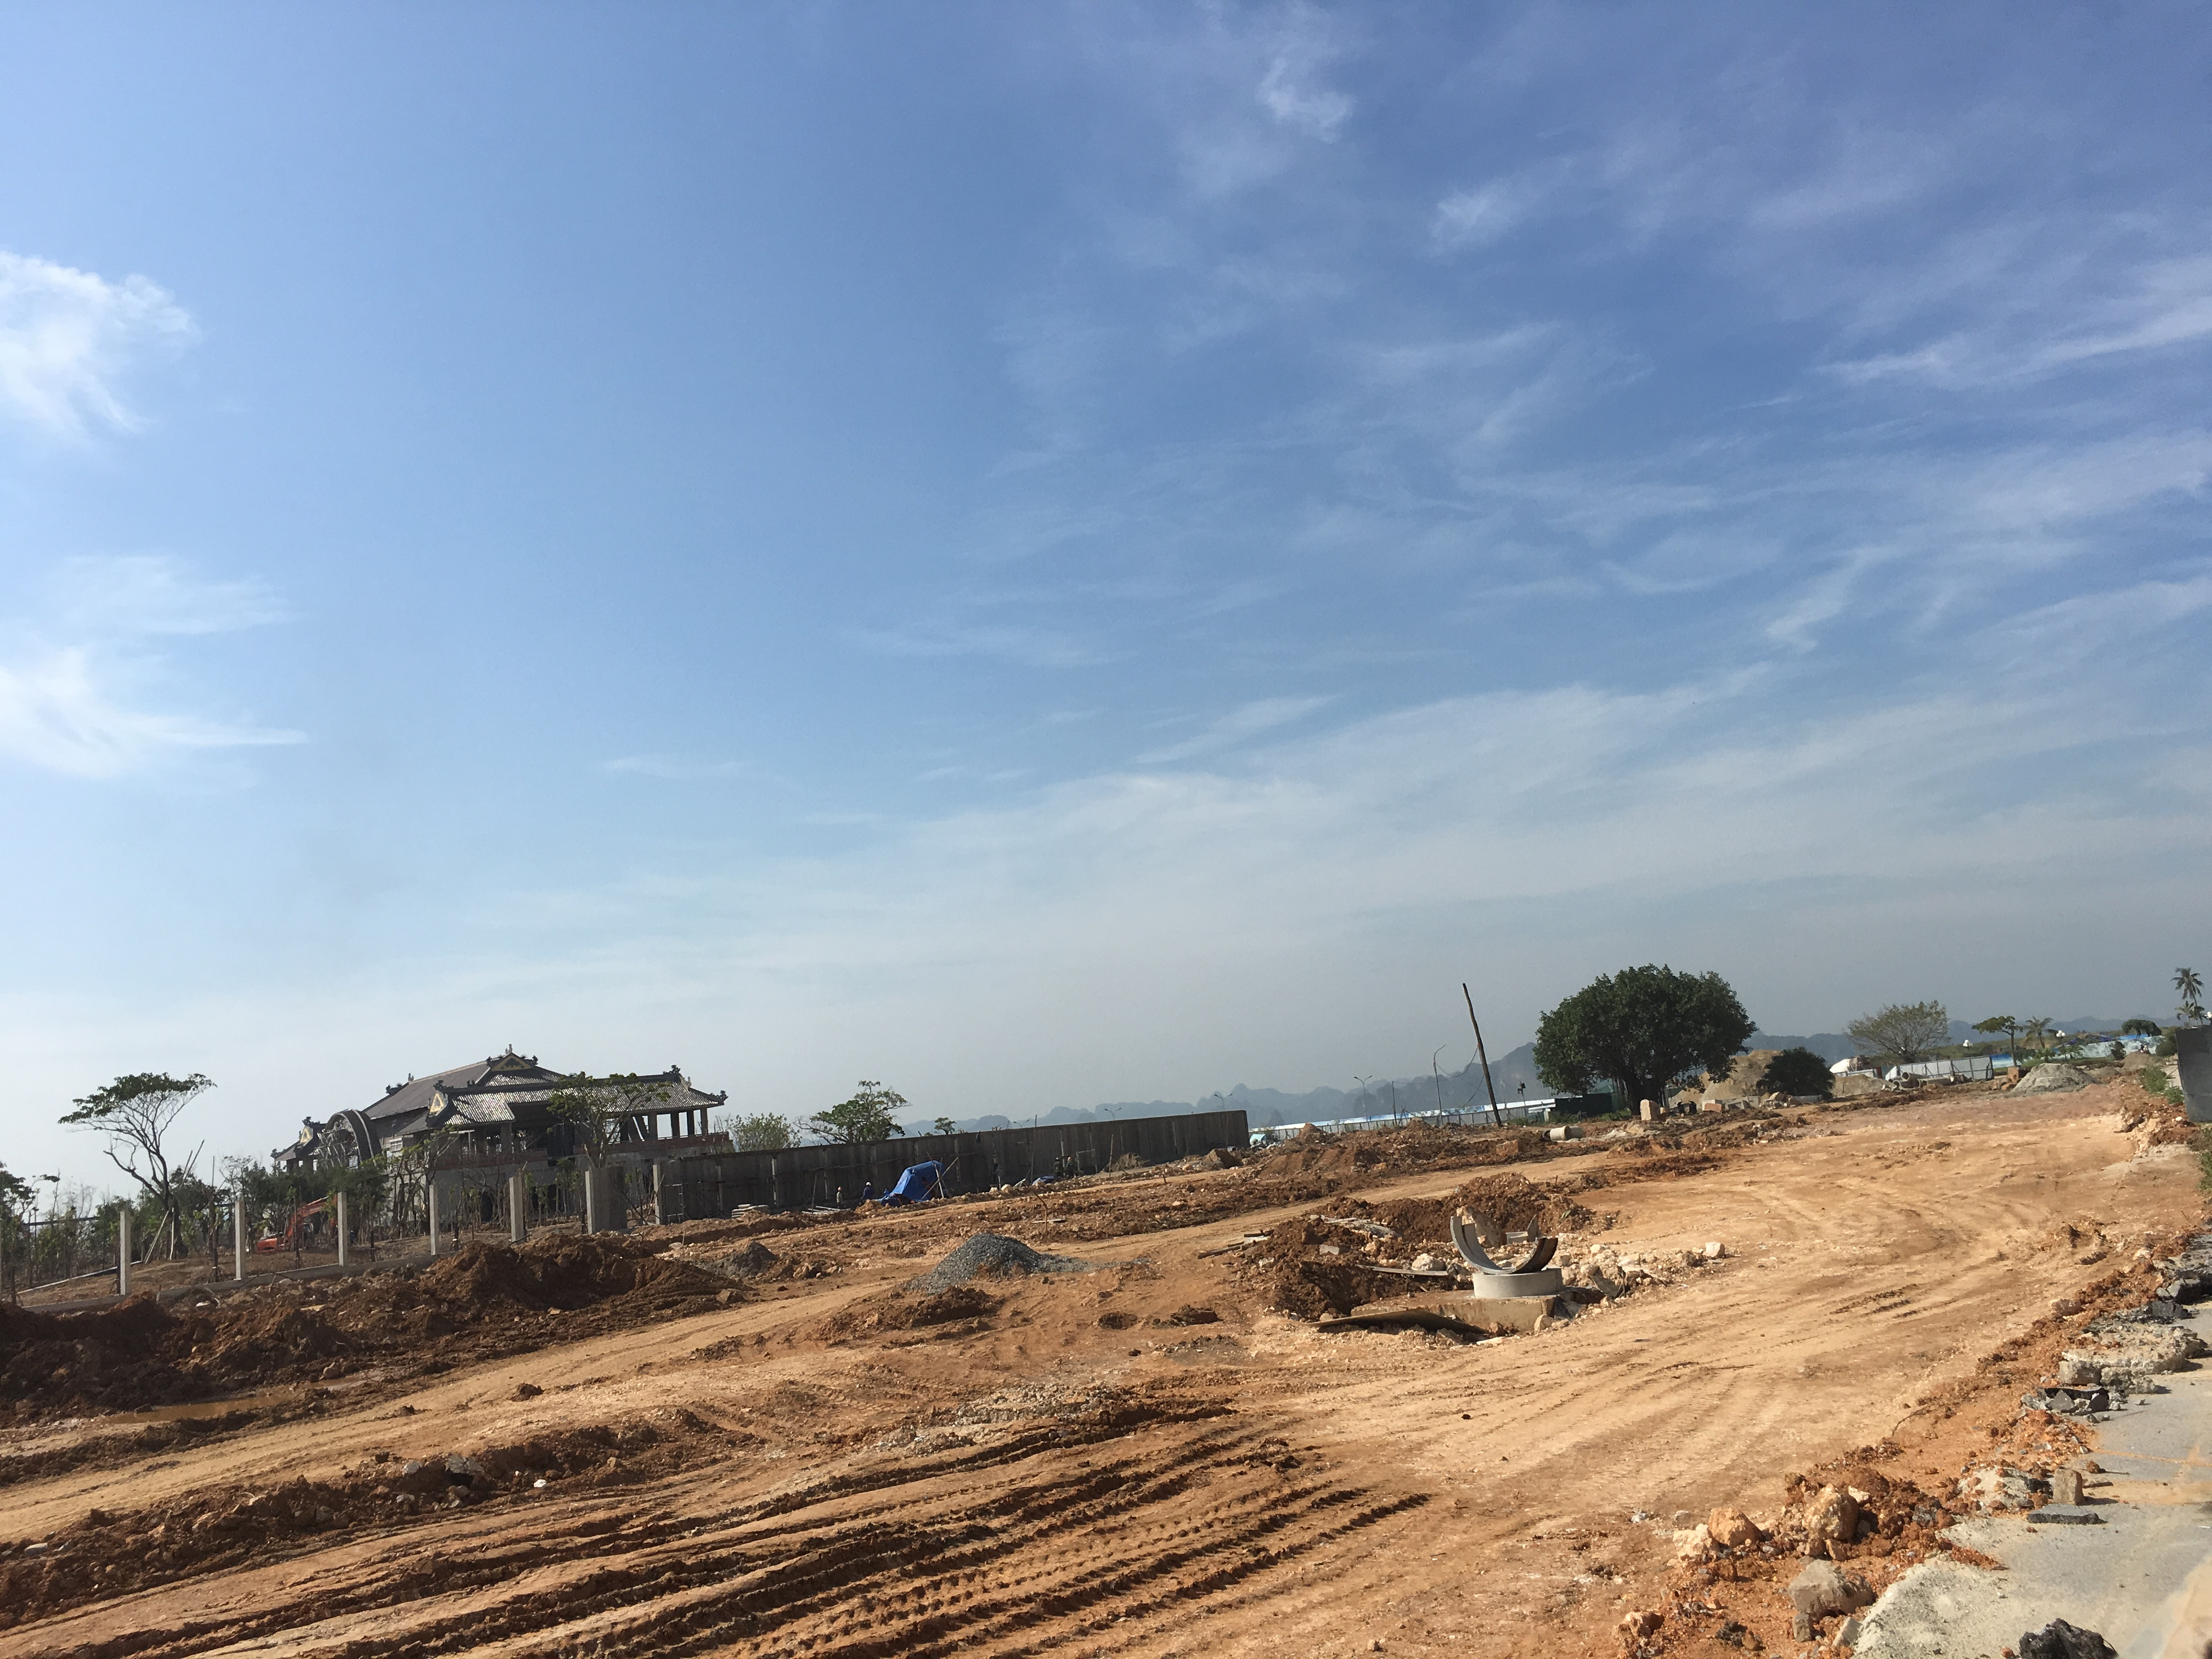 """Nhiều hạng mục giải trí hấp dẫn như thế giới trò chơi mạo hiểm cùng tàu lượn siêu tốc """"khủng"""" nhất Việt Nam, công viên nước sảng khoái mang tên Vịnh Lốc Xoáy...sẽ được xây dựng."""